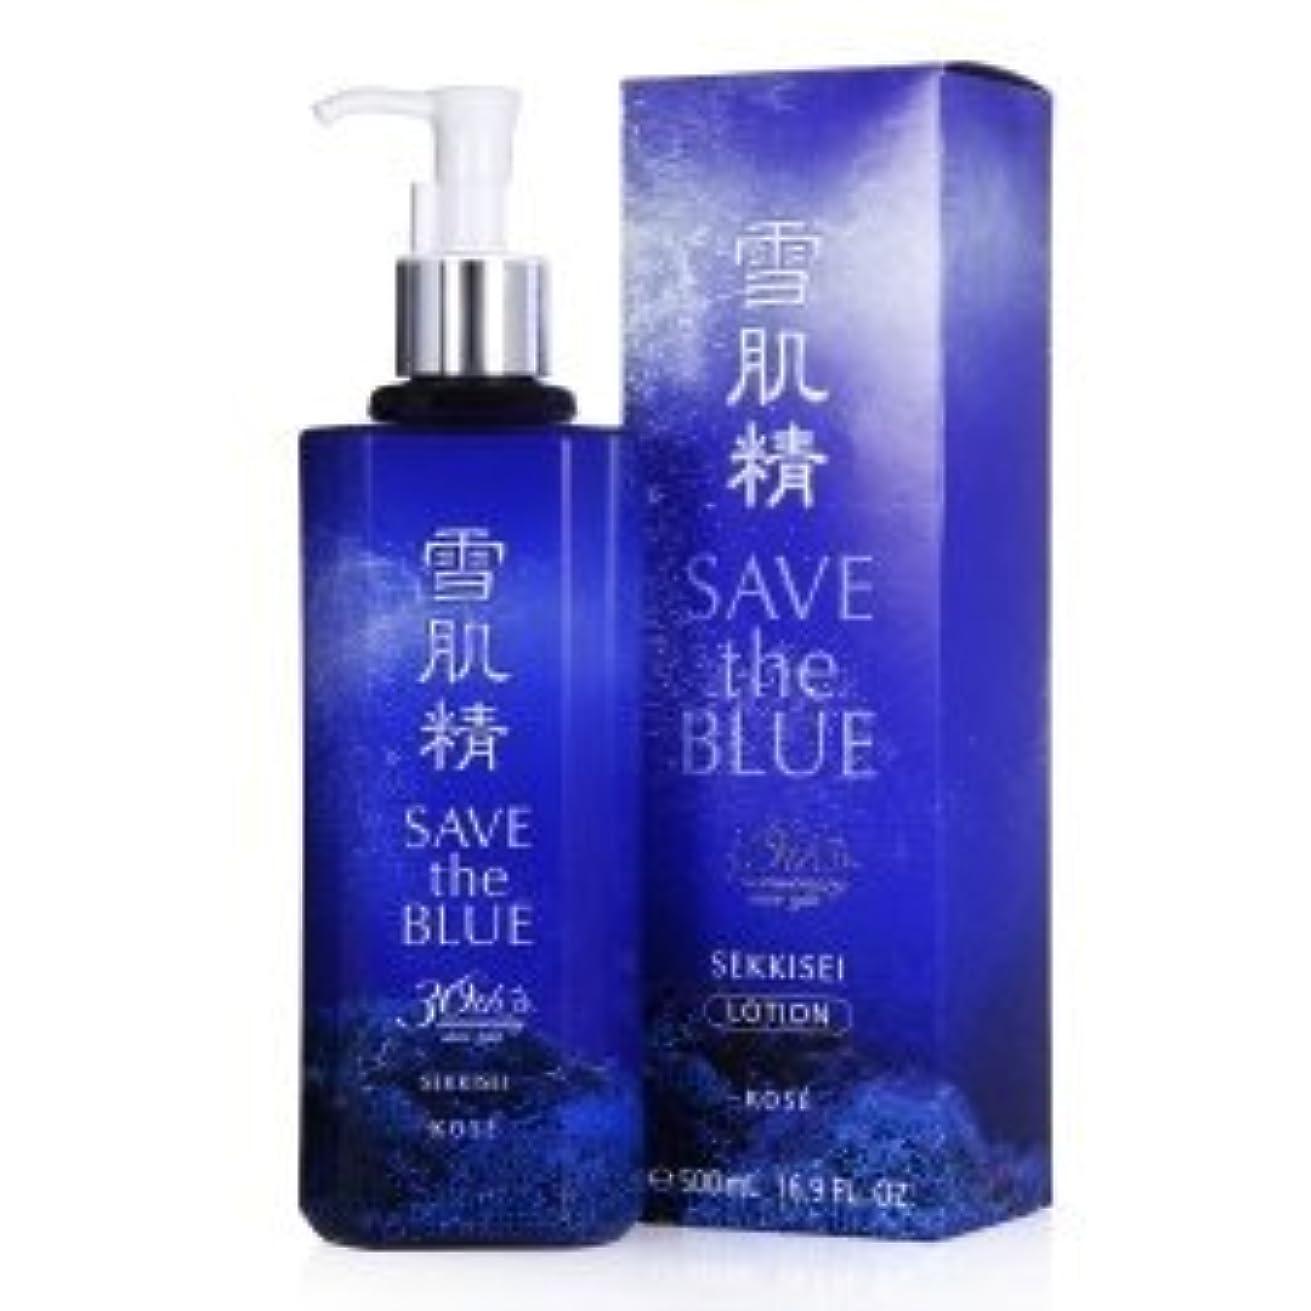 買うなぜならアナウンサーKOSE コーセー 薬用 雪肌精 化粧水 500ml 【SAVE the BLUE】